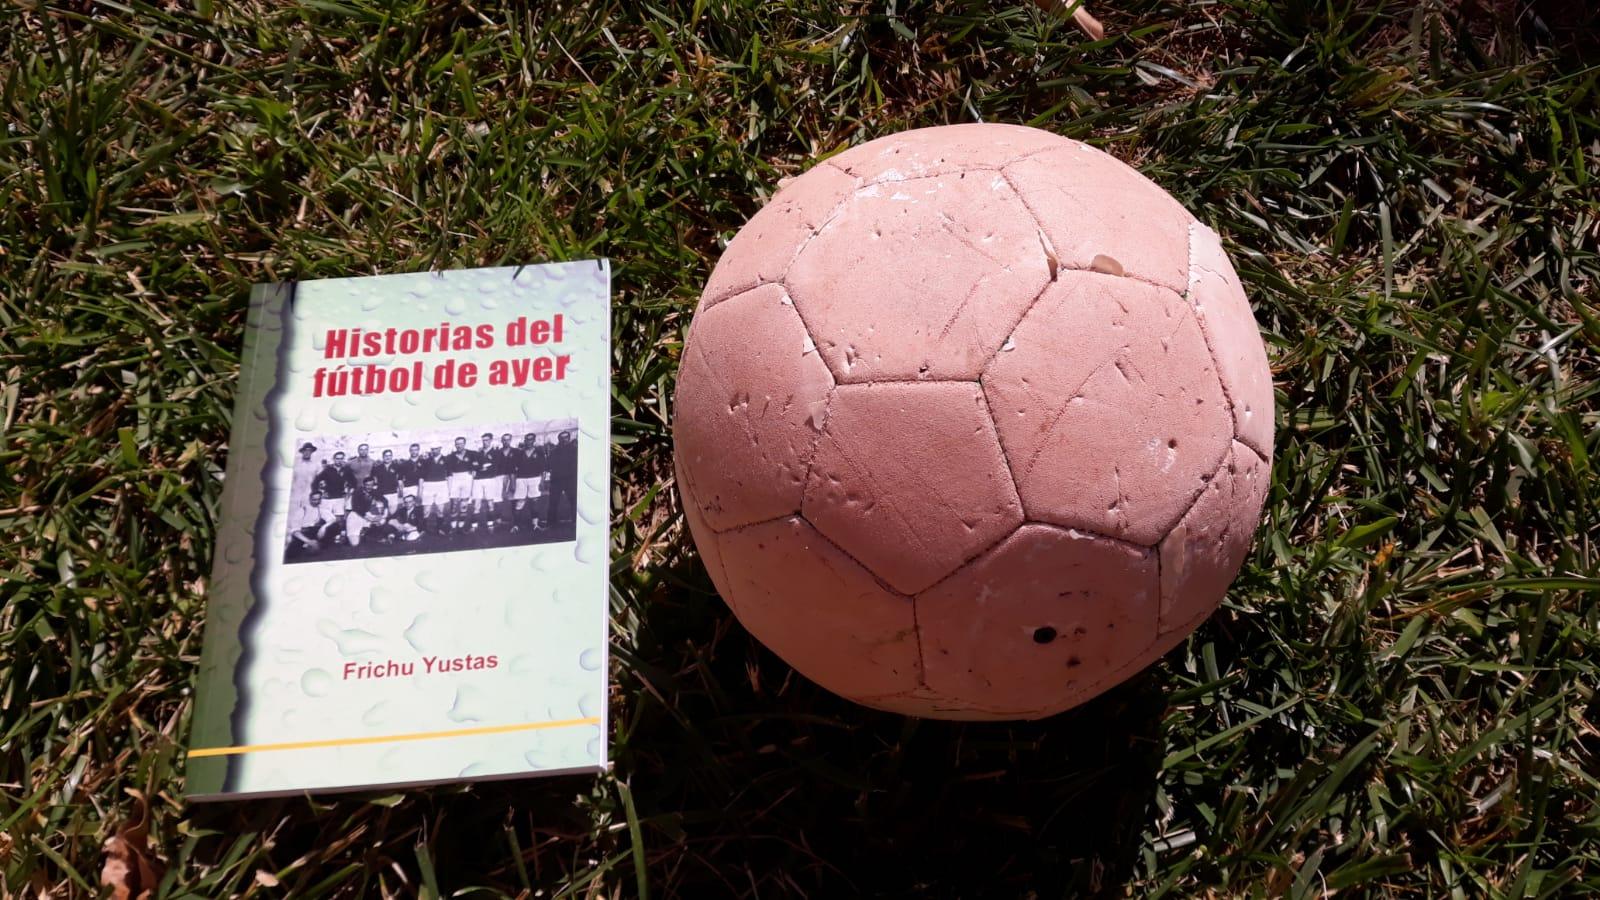 Historias del fútbol